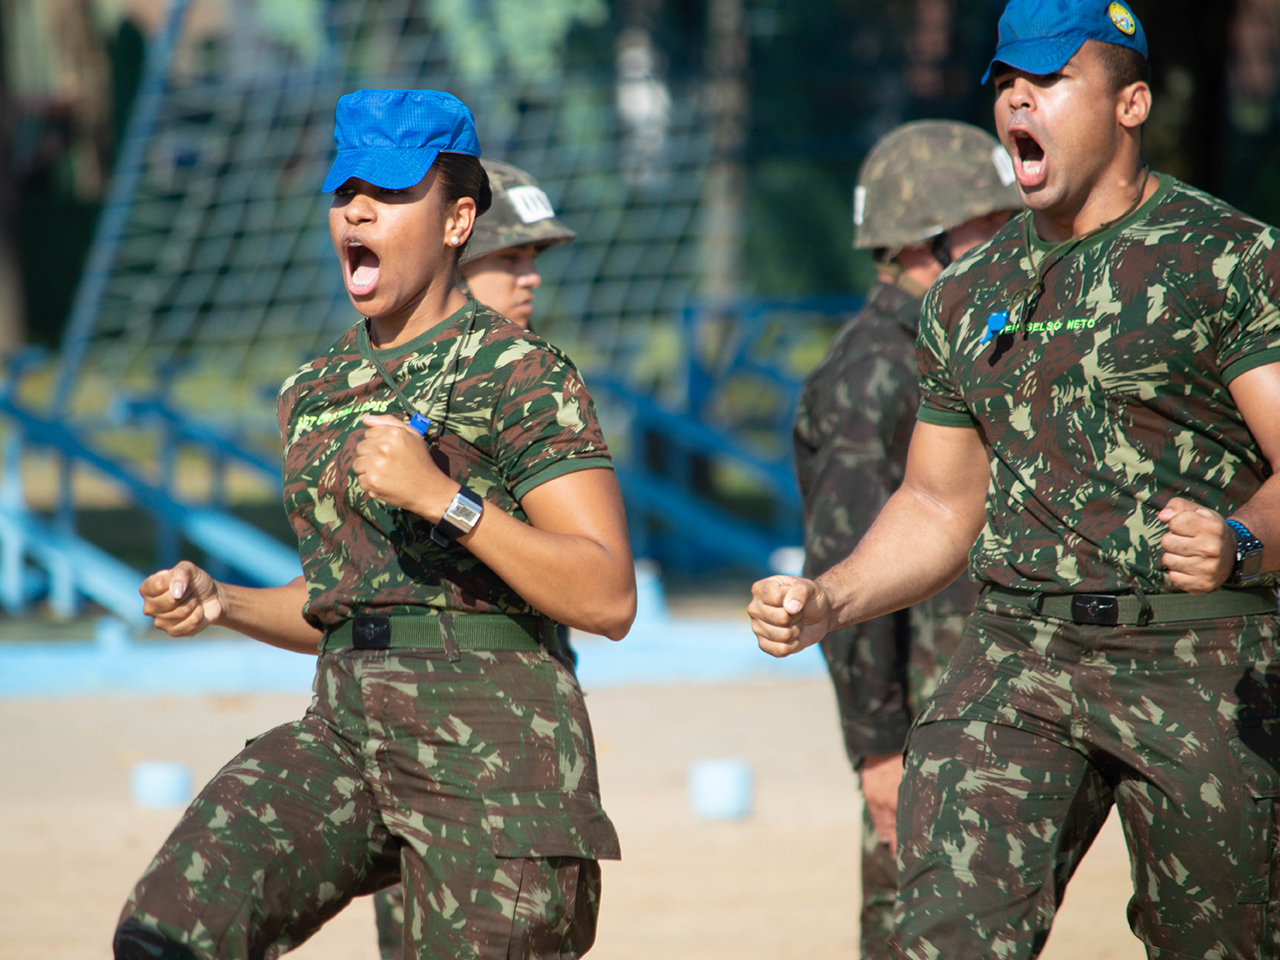 Nomeada primeira militar do segmento feminino para compor a equipe da Formação Básica Paraquedista